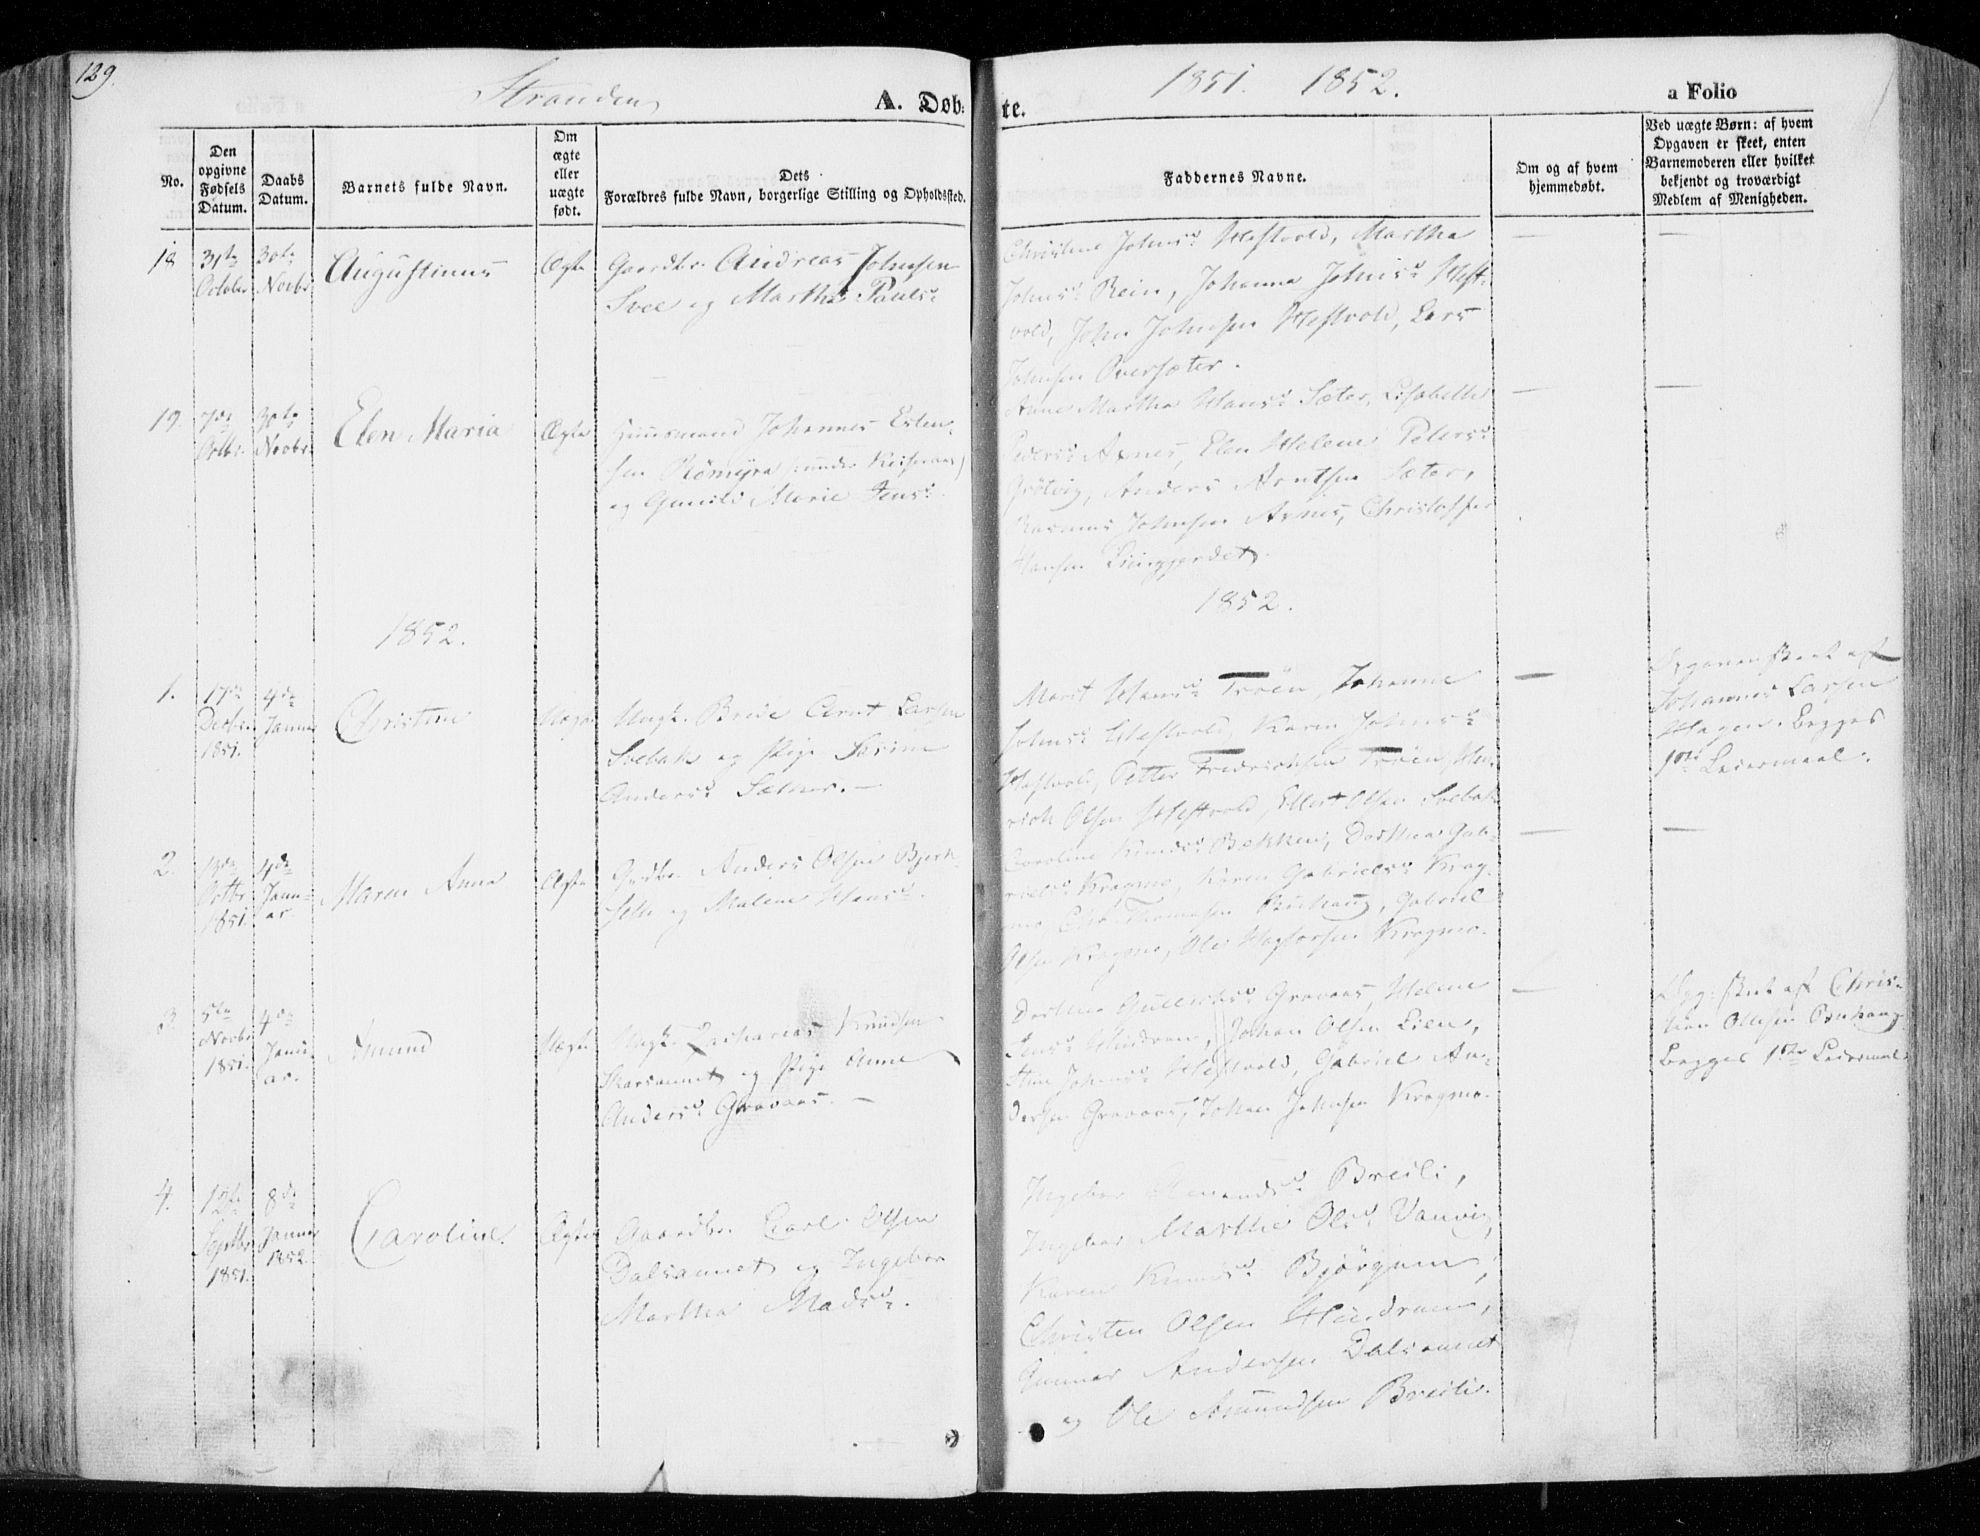 SAT, Ministerialprotokoller, klokkerbøker og fødselsregistre - Nord-Trøndelag, 701/L0007: Ministerialbok nr. 701A07 /2, 1842-1854, s. 129